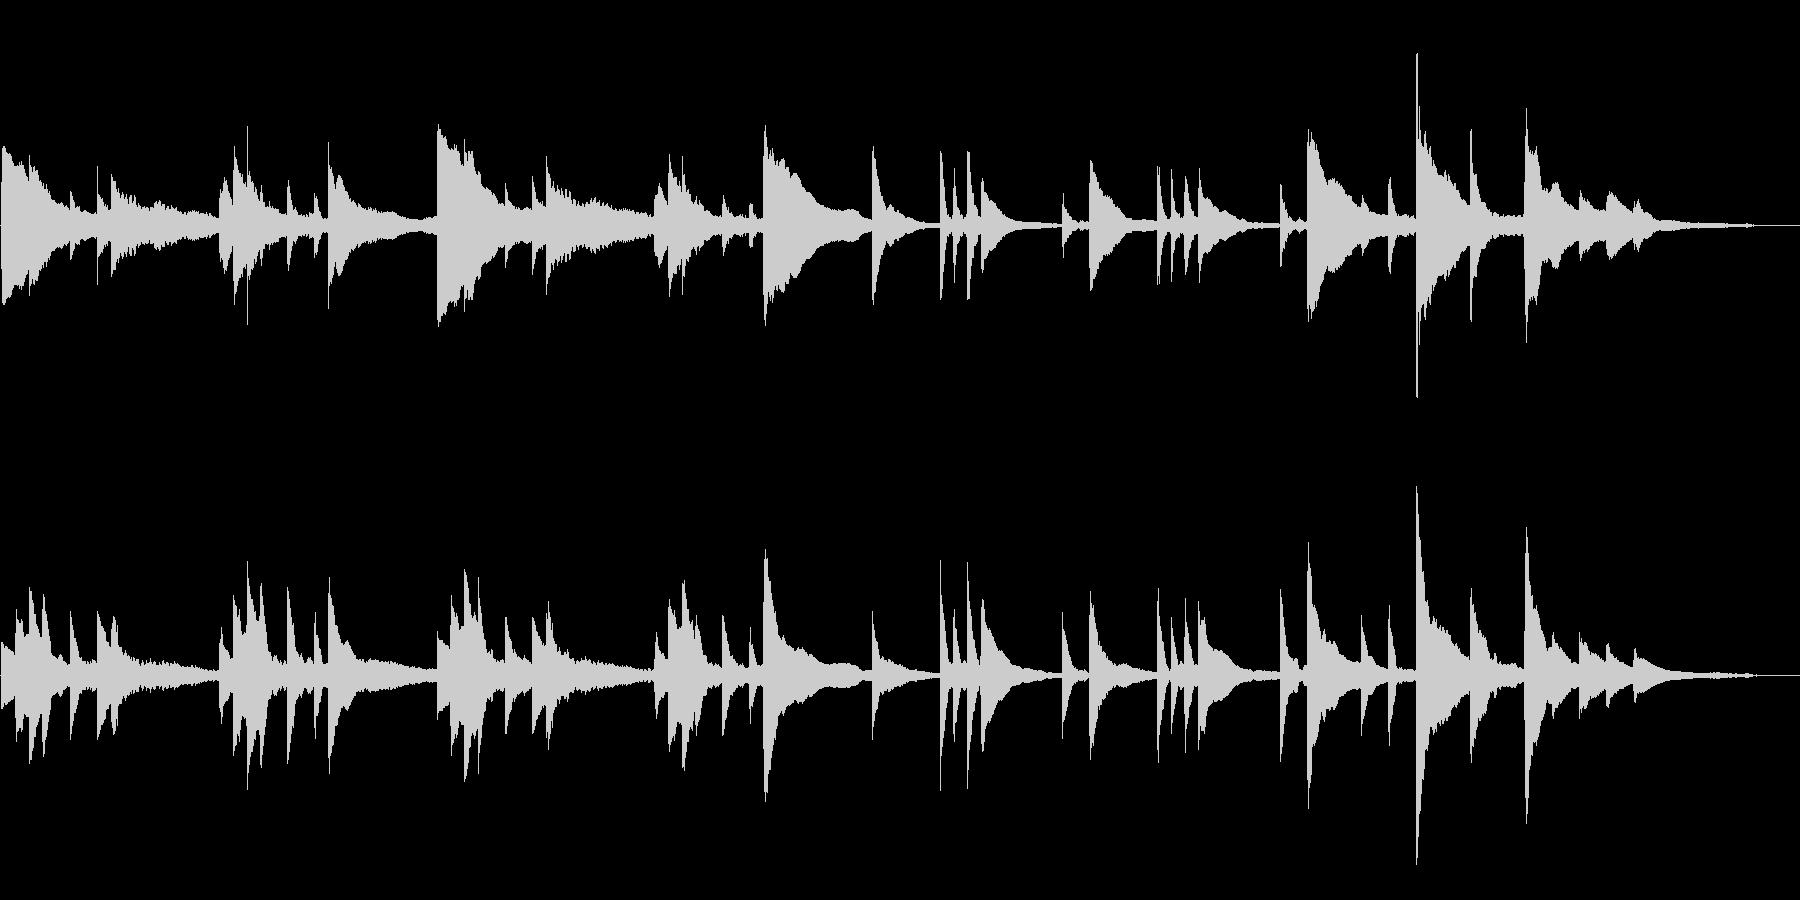 切なく綺麗なゆったりとしたピアノBGMの未再生の波形